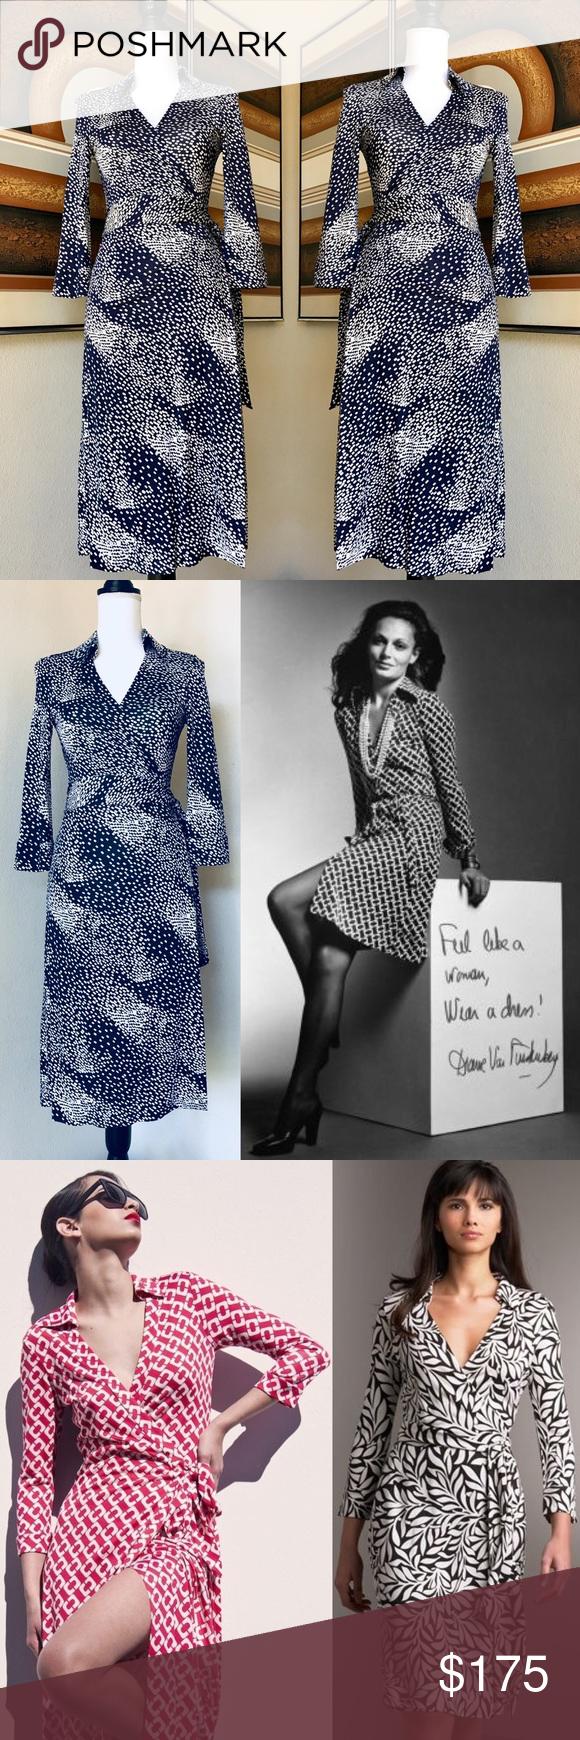 Diane Von Furstenberg Vintage Justin Wrap Dress 6 Dvf Wrap Dress Diane Von Furstenberg Clothes Design [ 1740 x 580 Pixel ]